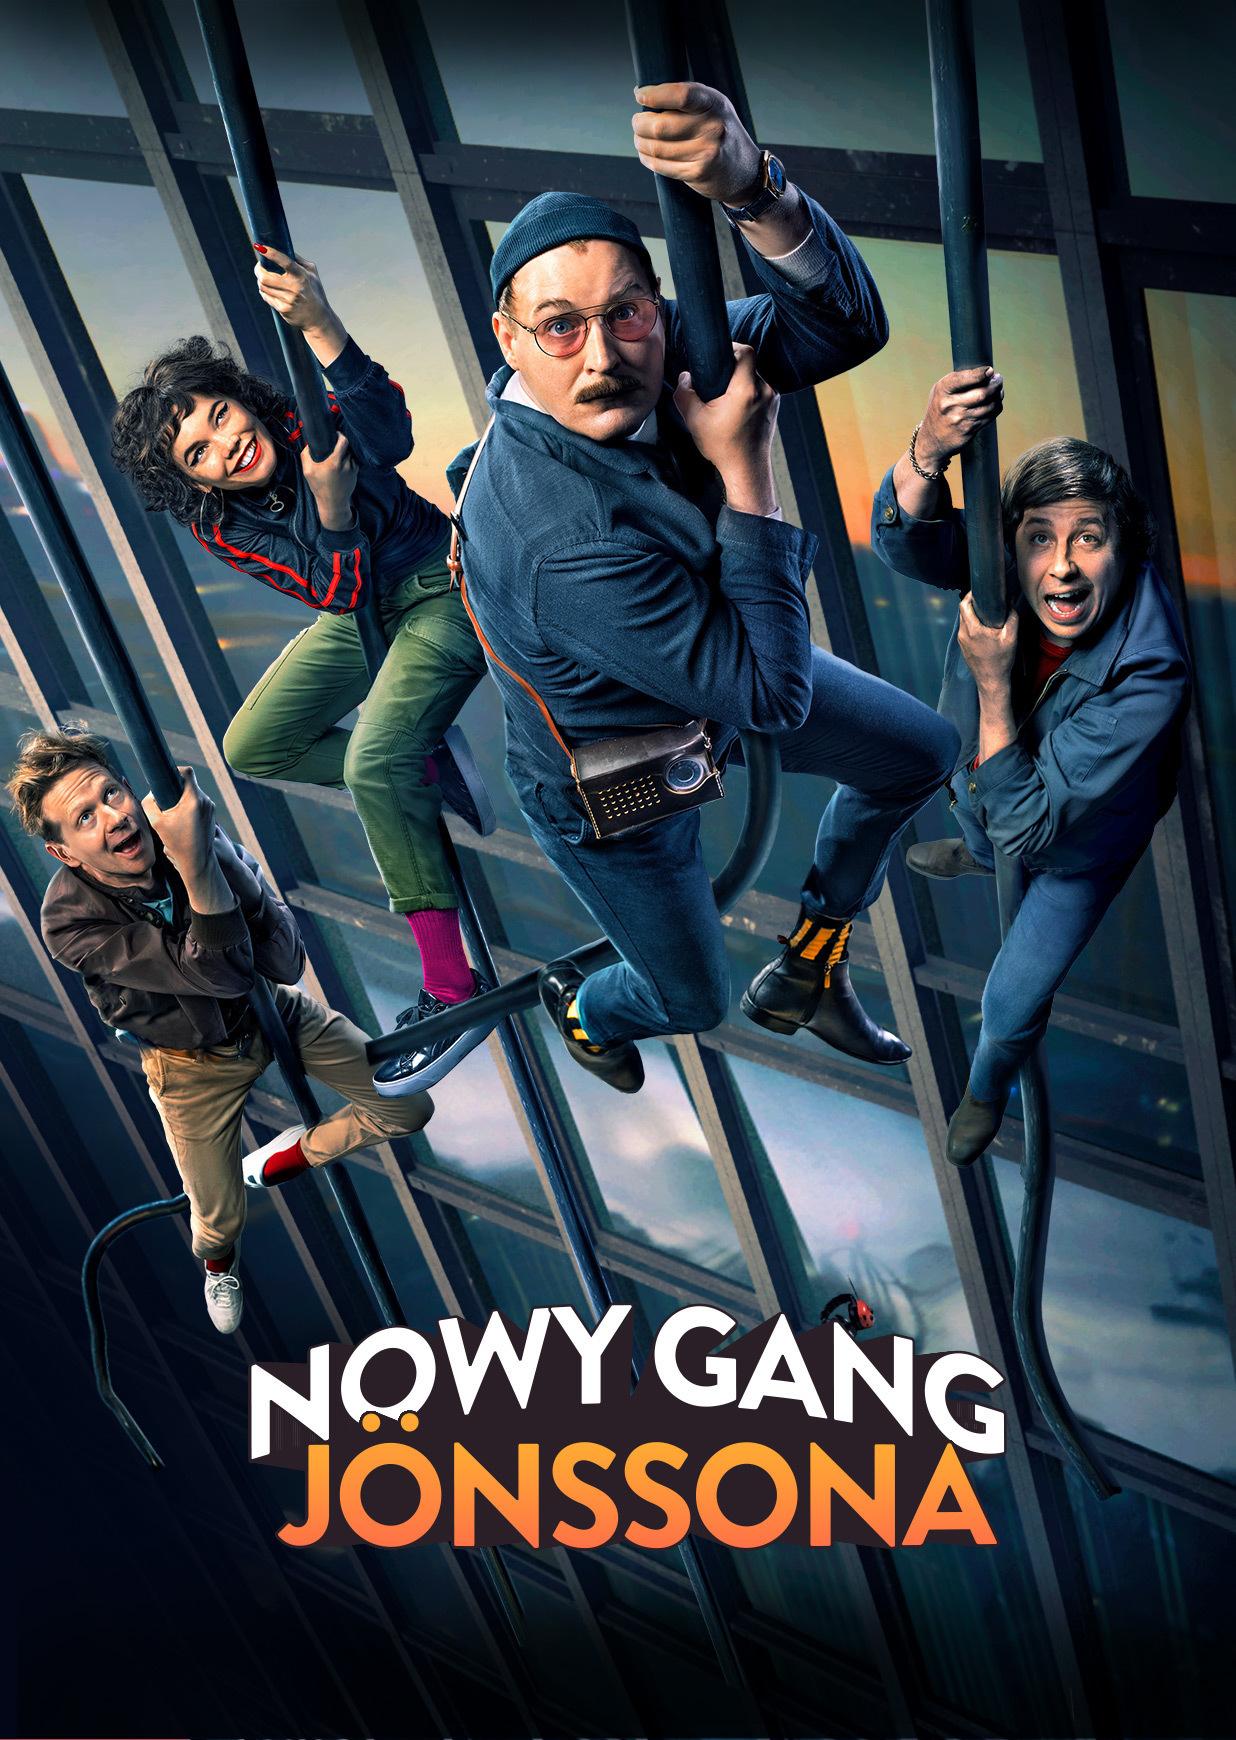 Nowy gang Jönssona